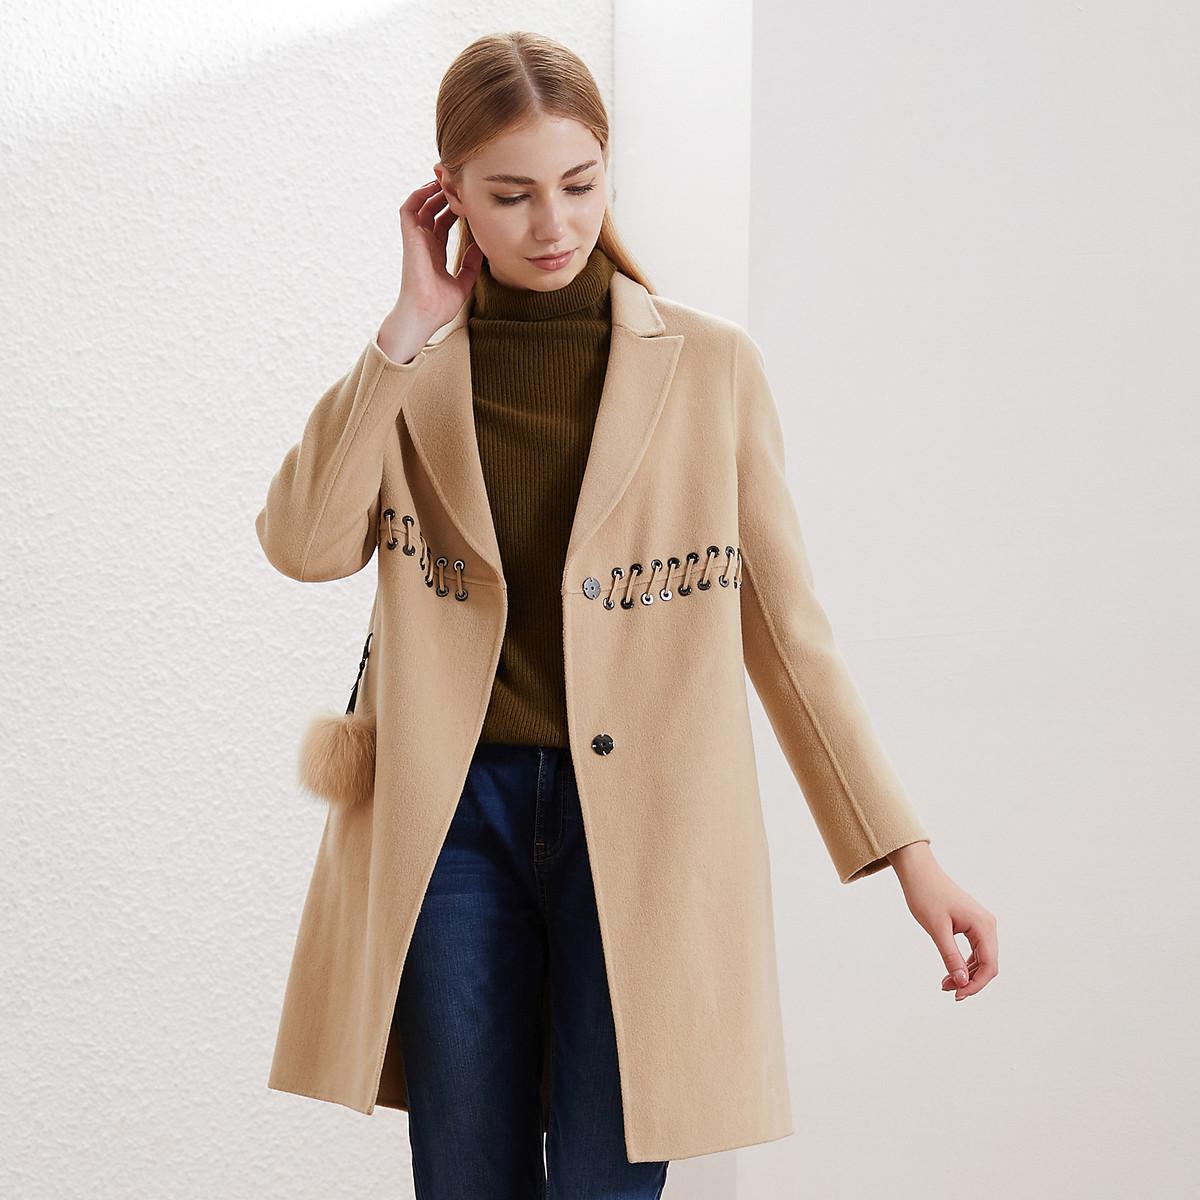 卡迪黛尔卡迪黛尔2019秋冬季新款羊毛呢外套女中长款韩版高腰显瘦C1AHG9102WK